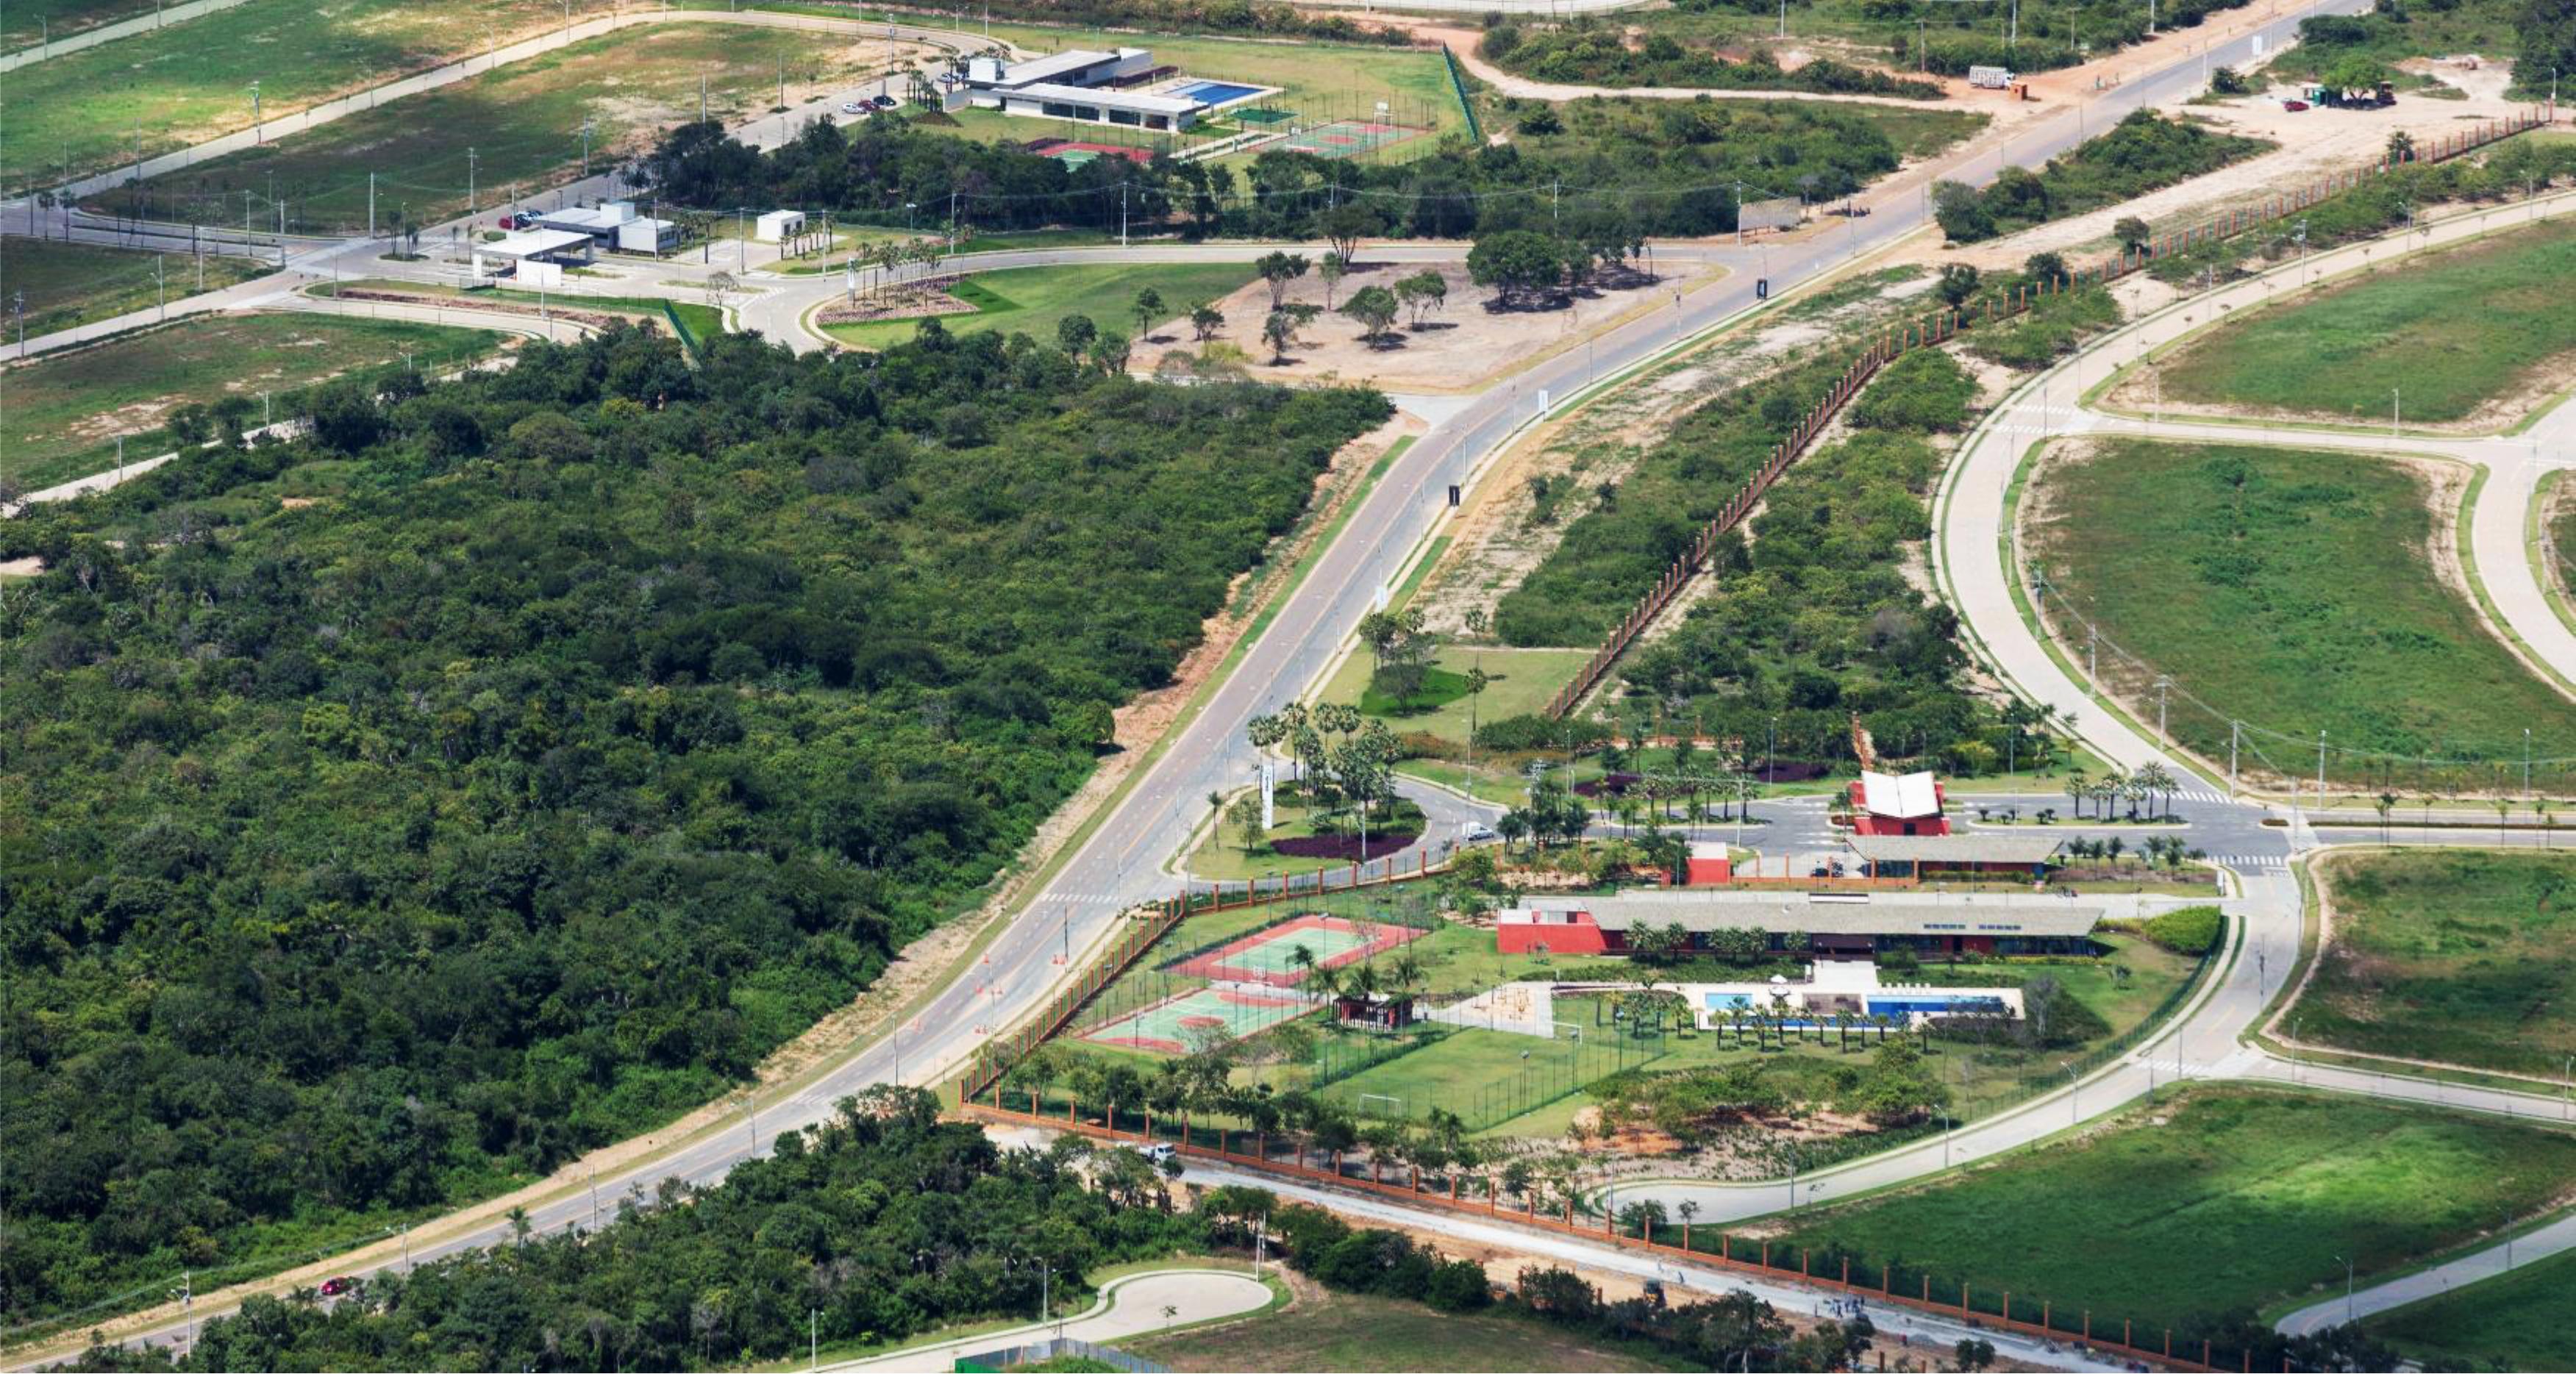 Imagem Aérea da Cidade Alpha Ceará e Terras AlphaVille Ceará 4